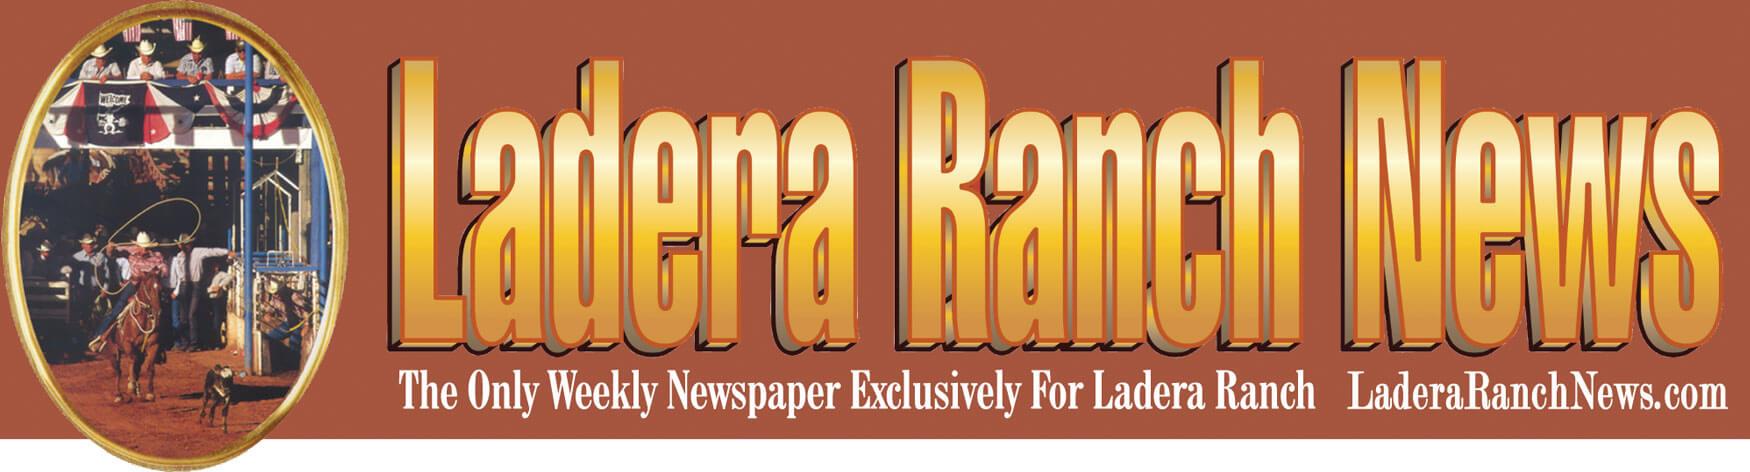 Ladera Ranch News